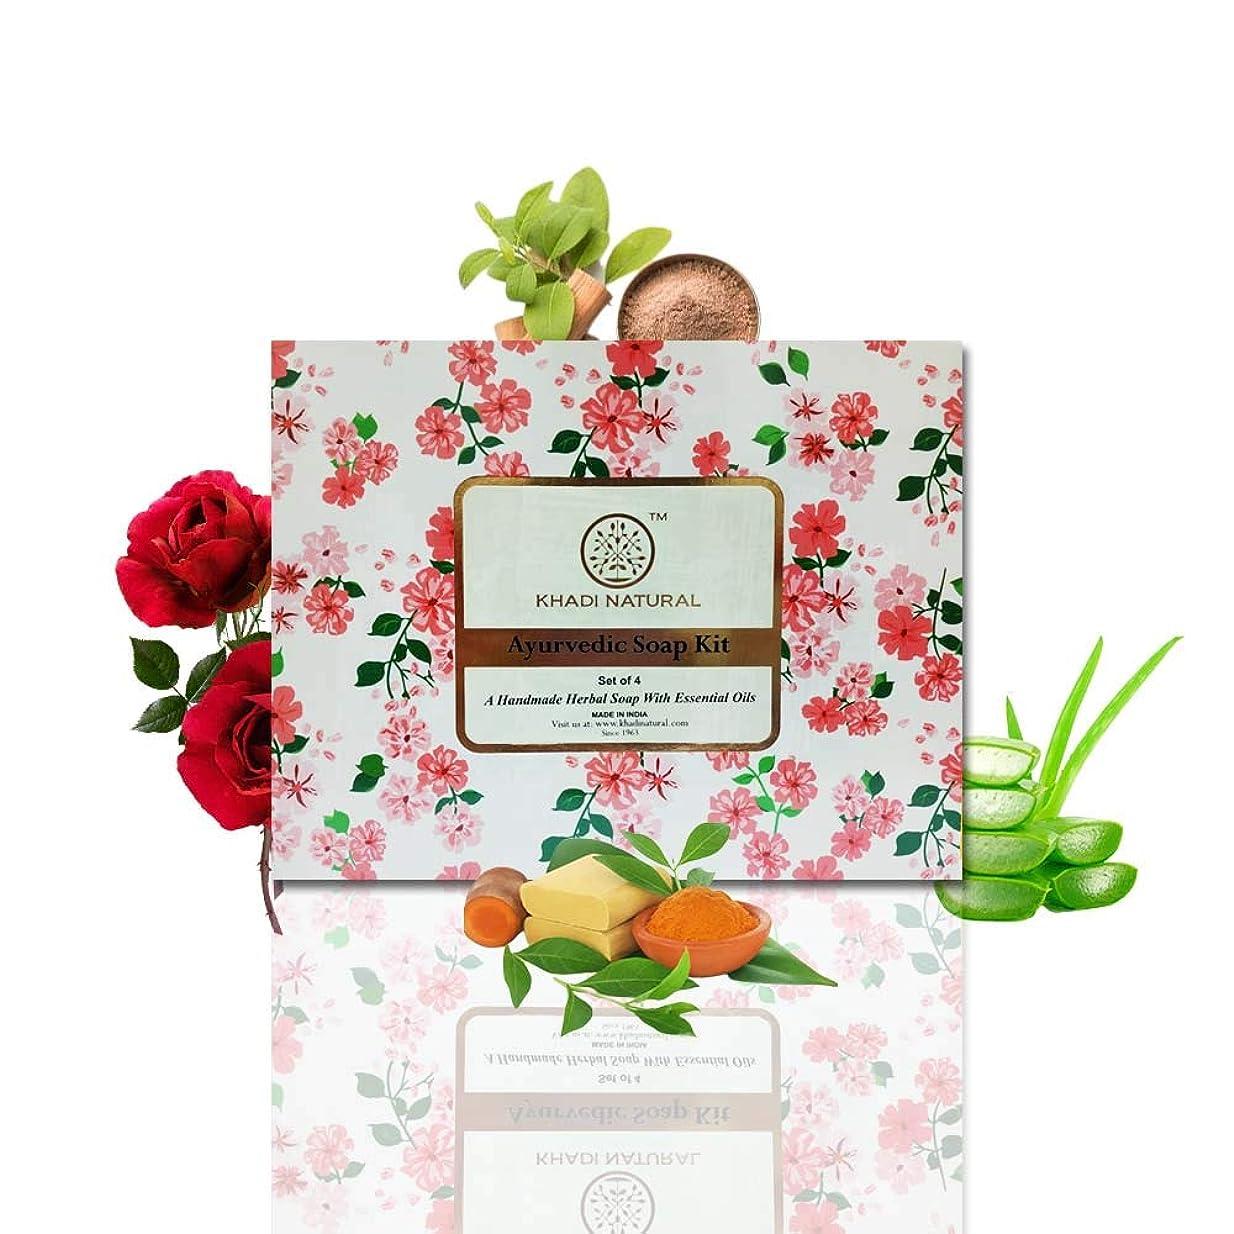 ルネッサンス干ばつフェリーKhadi Natural Ayurvedic Soap Kit Set of 4 (A Handmade Soap With Essential Oils)